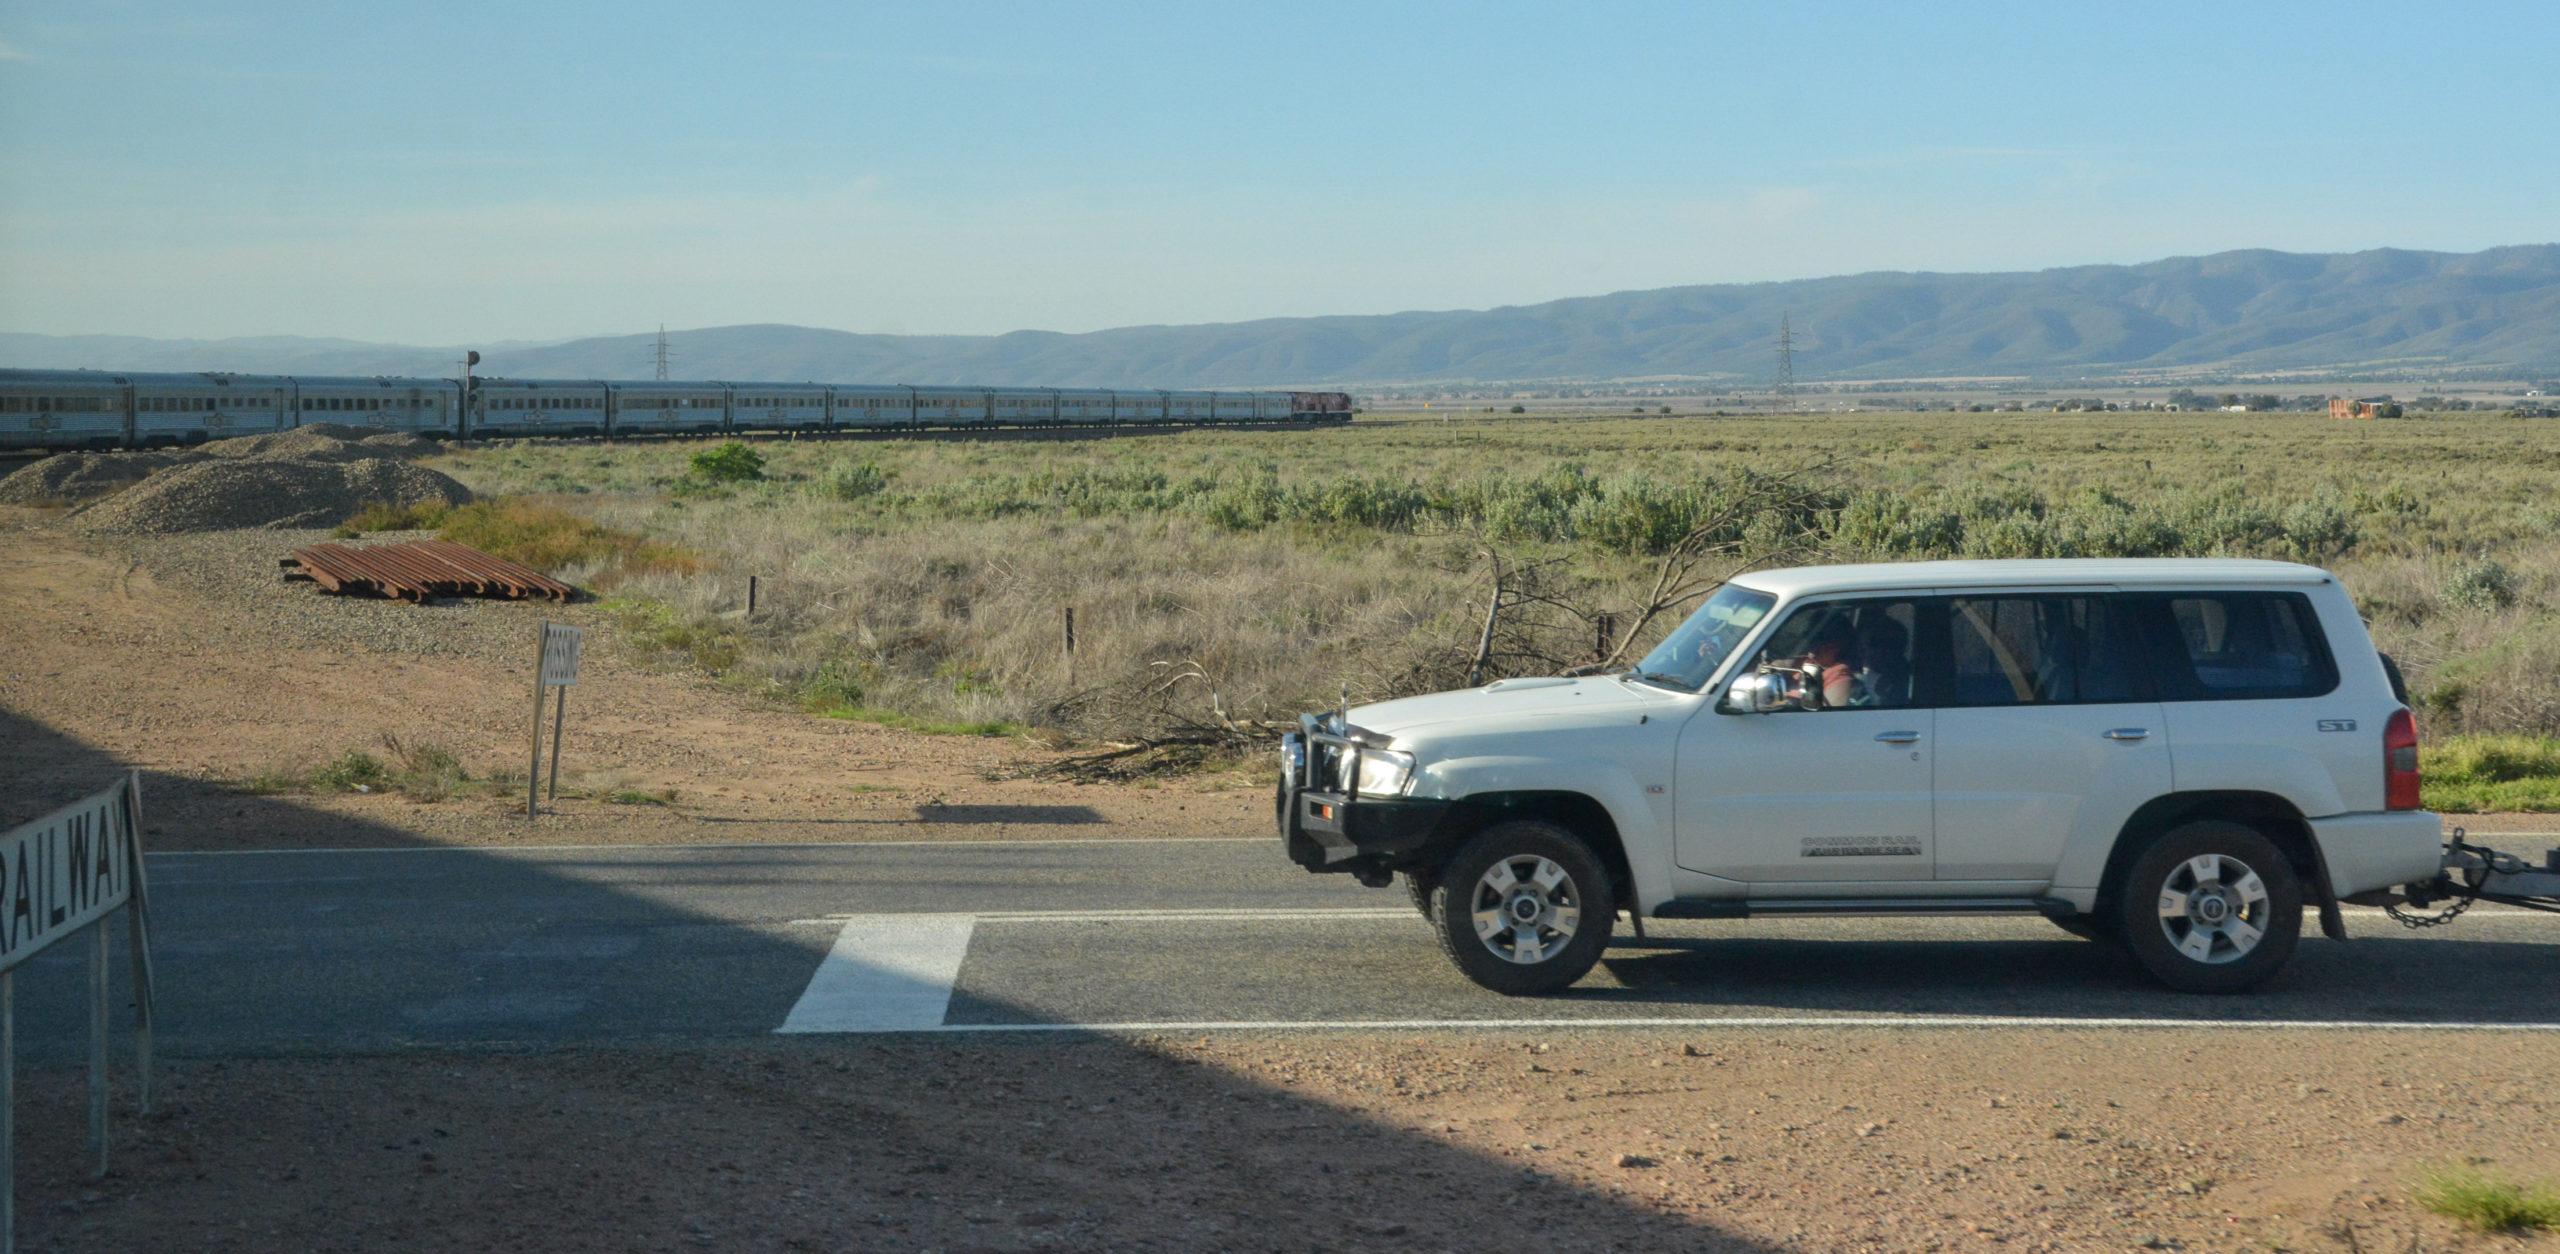 Der fast einen Kilometer lange Zug The GHan auf seinem Weg durch den australischen Busch